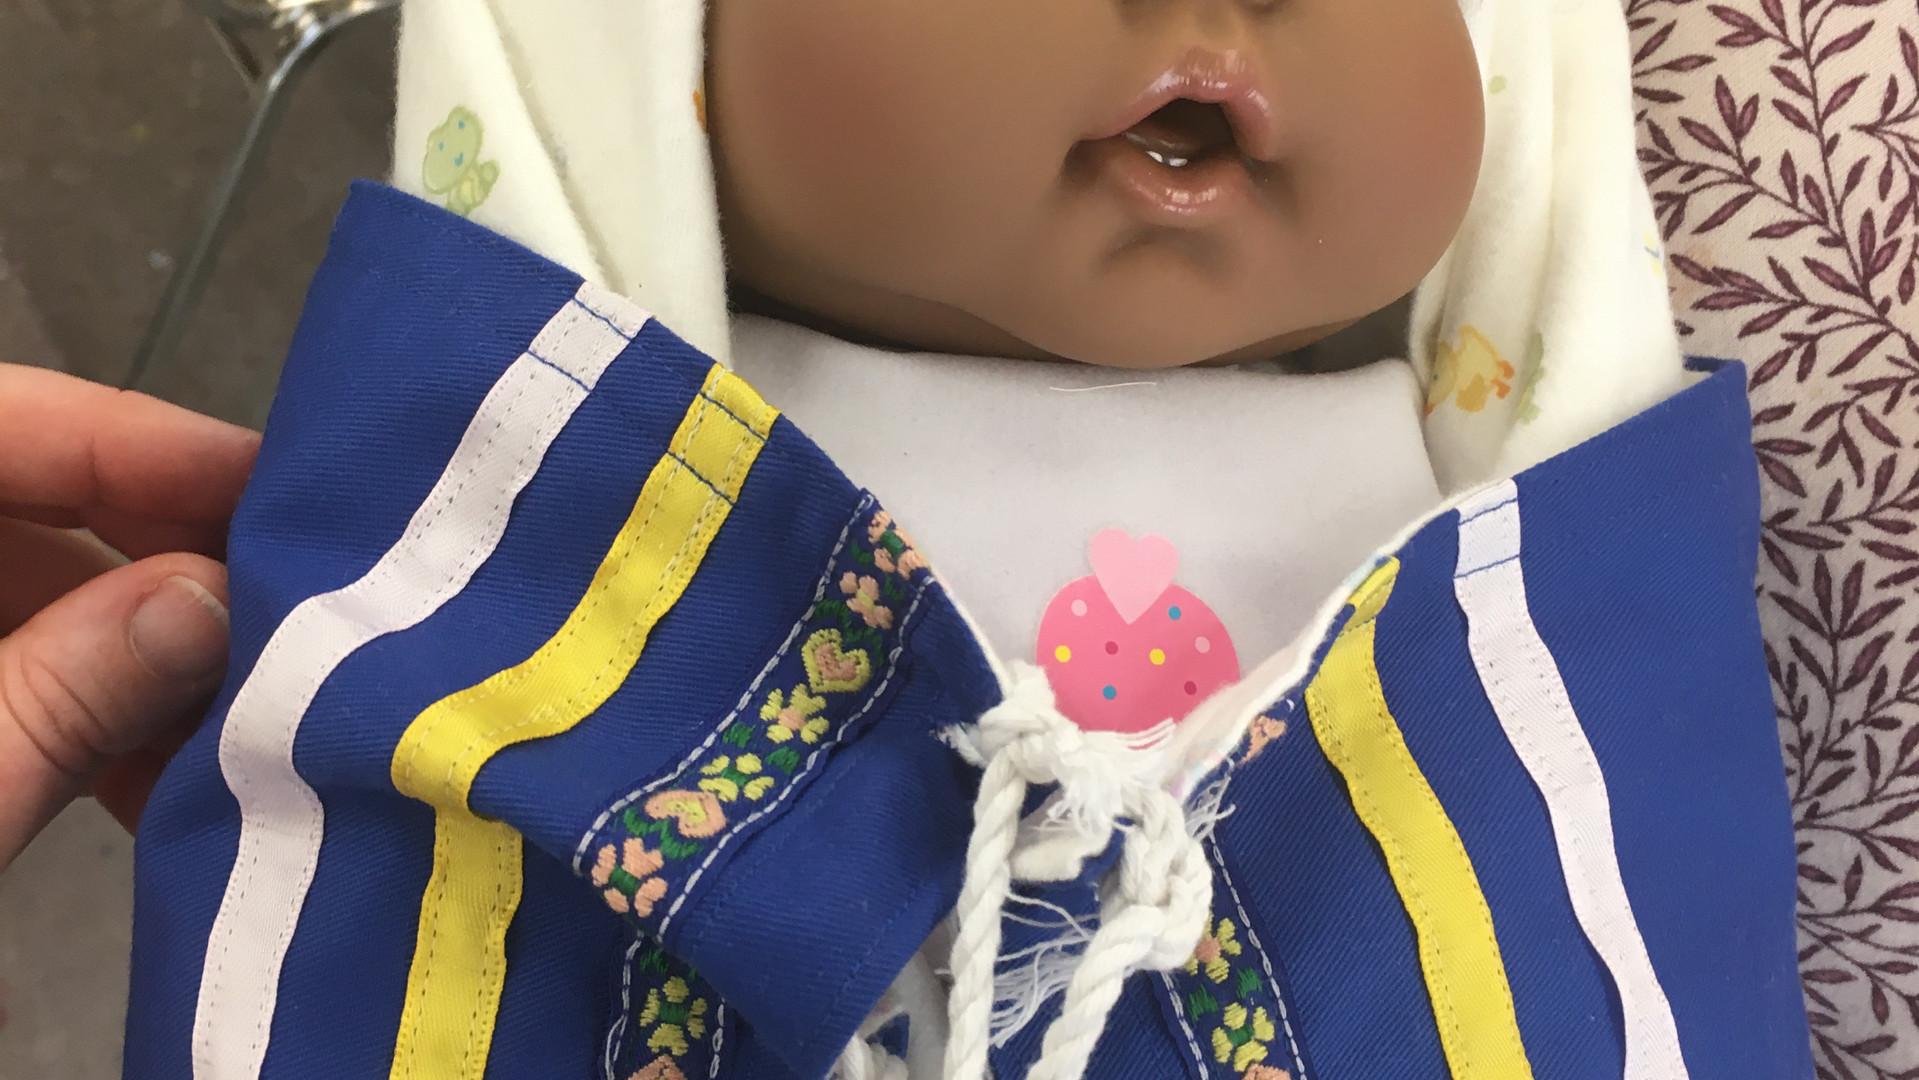 Baby Mackenzie, the Moss Bag baby model